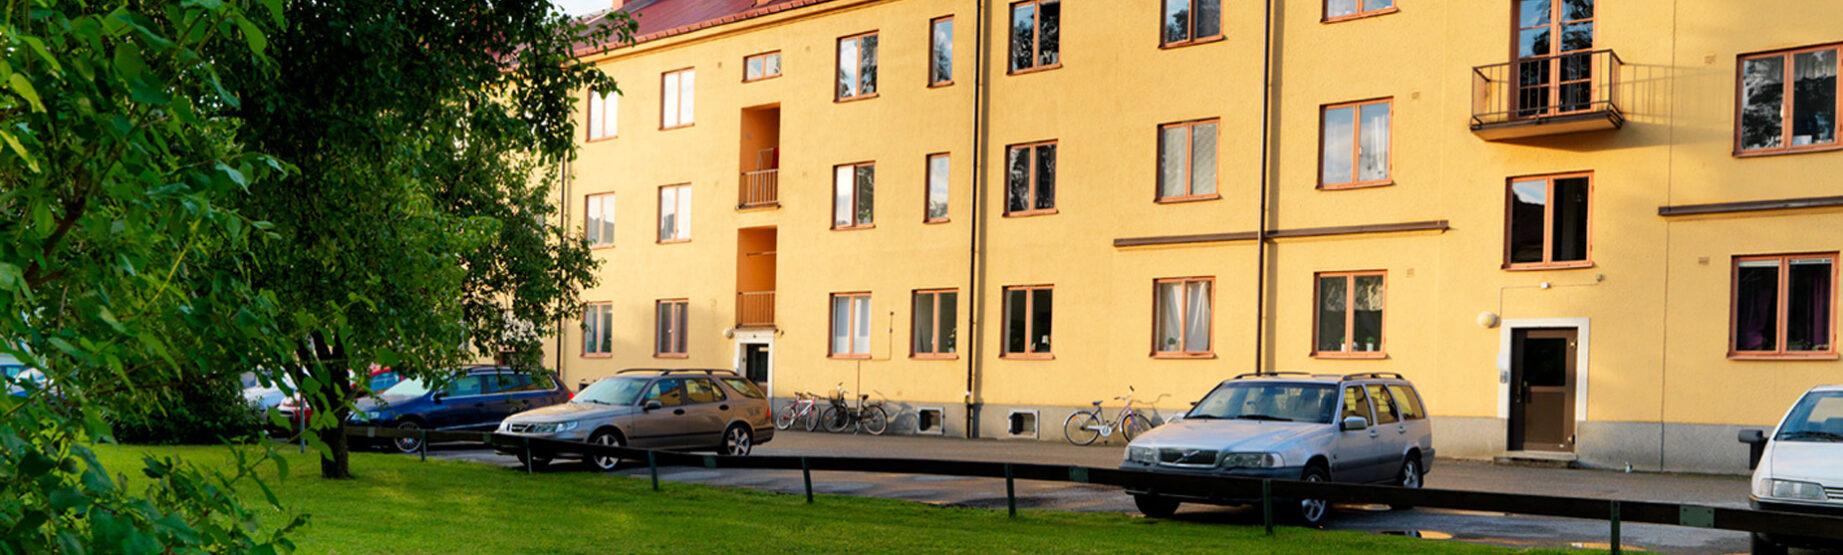 Krafft fastigheter i Örebro